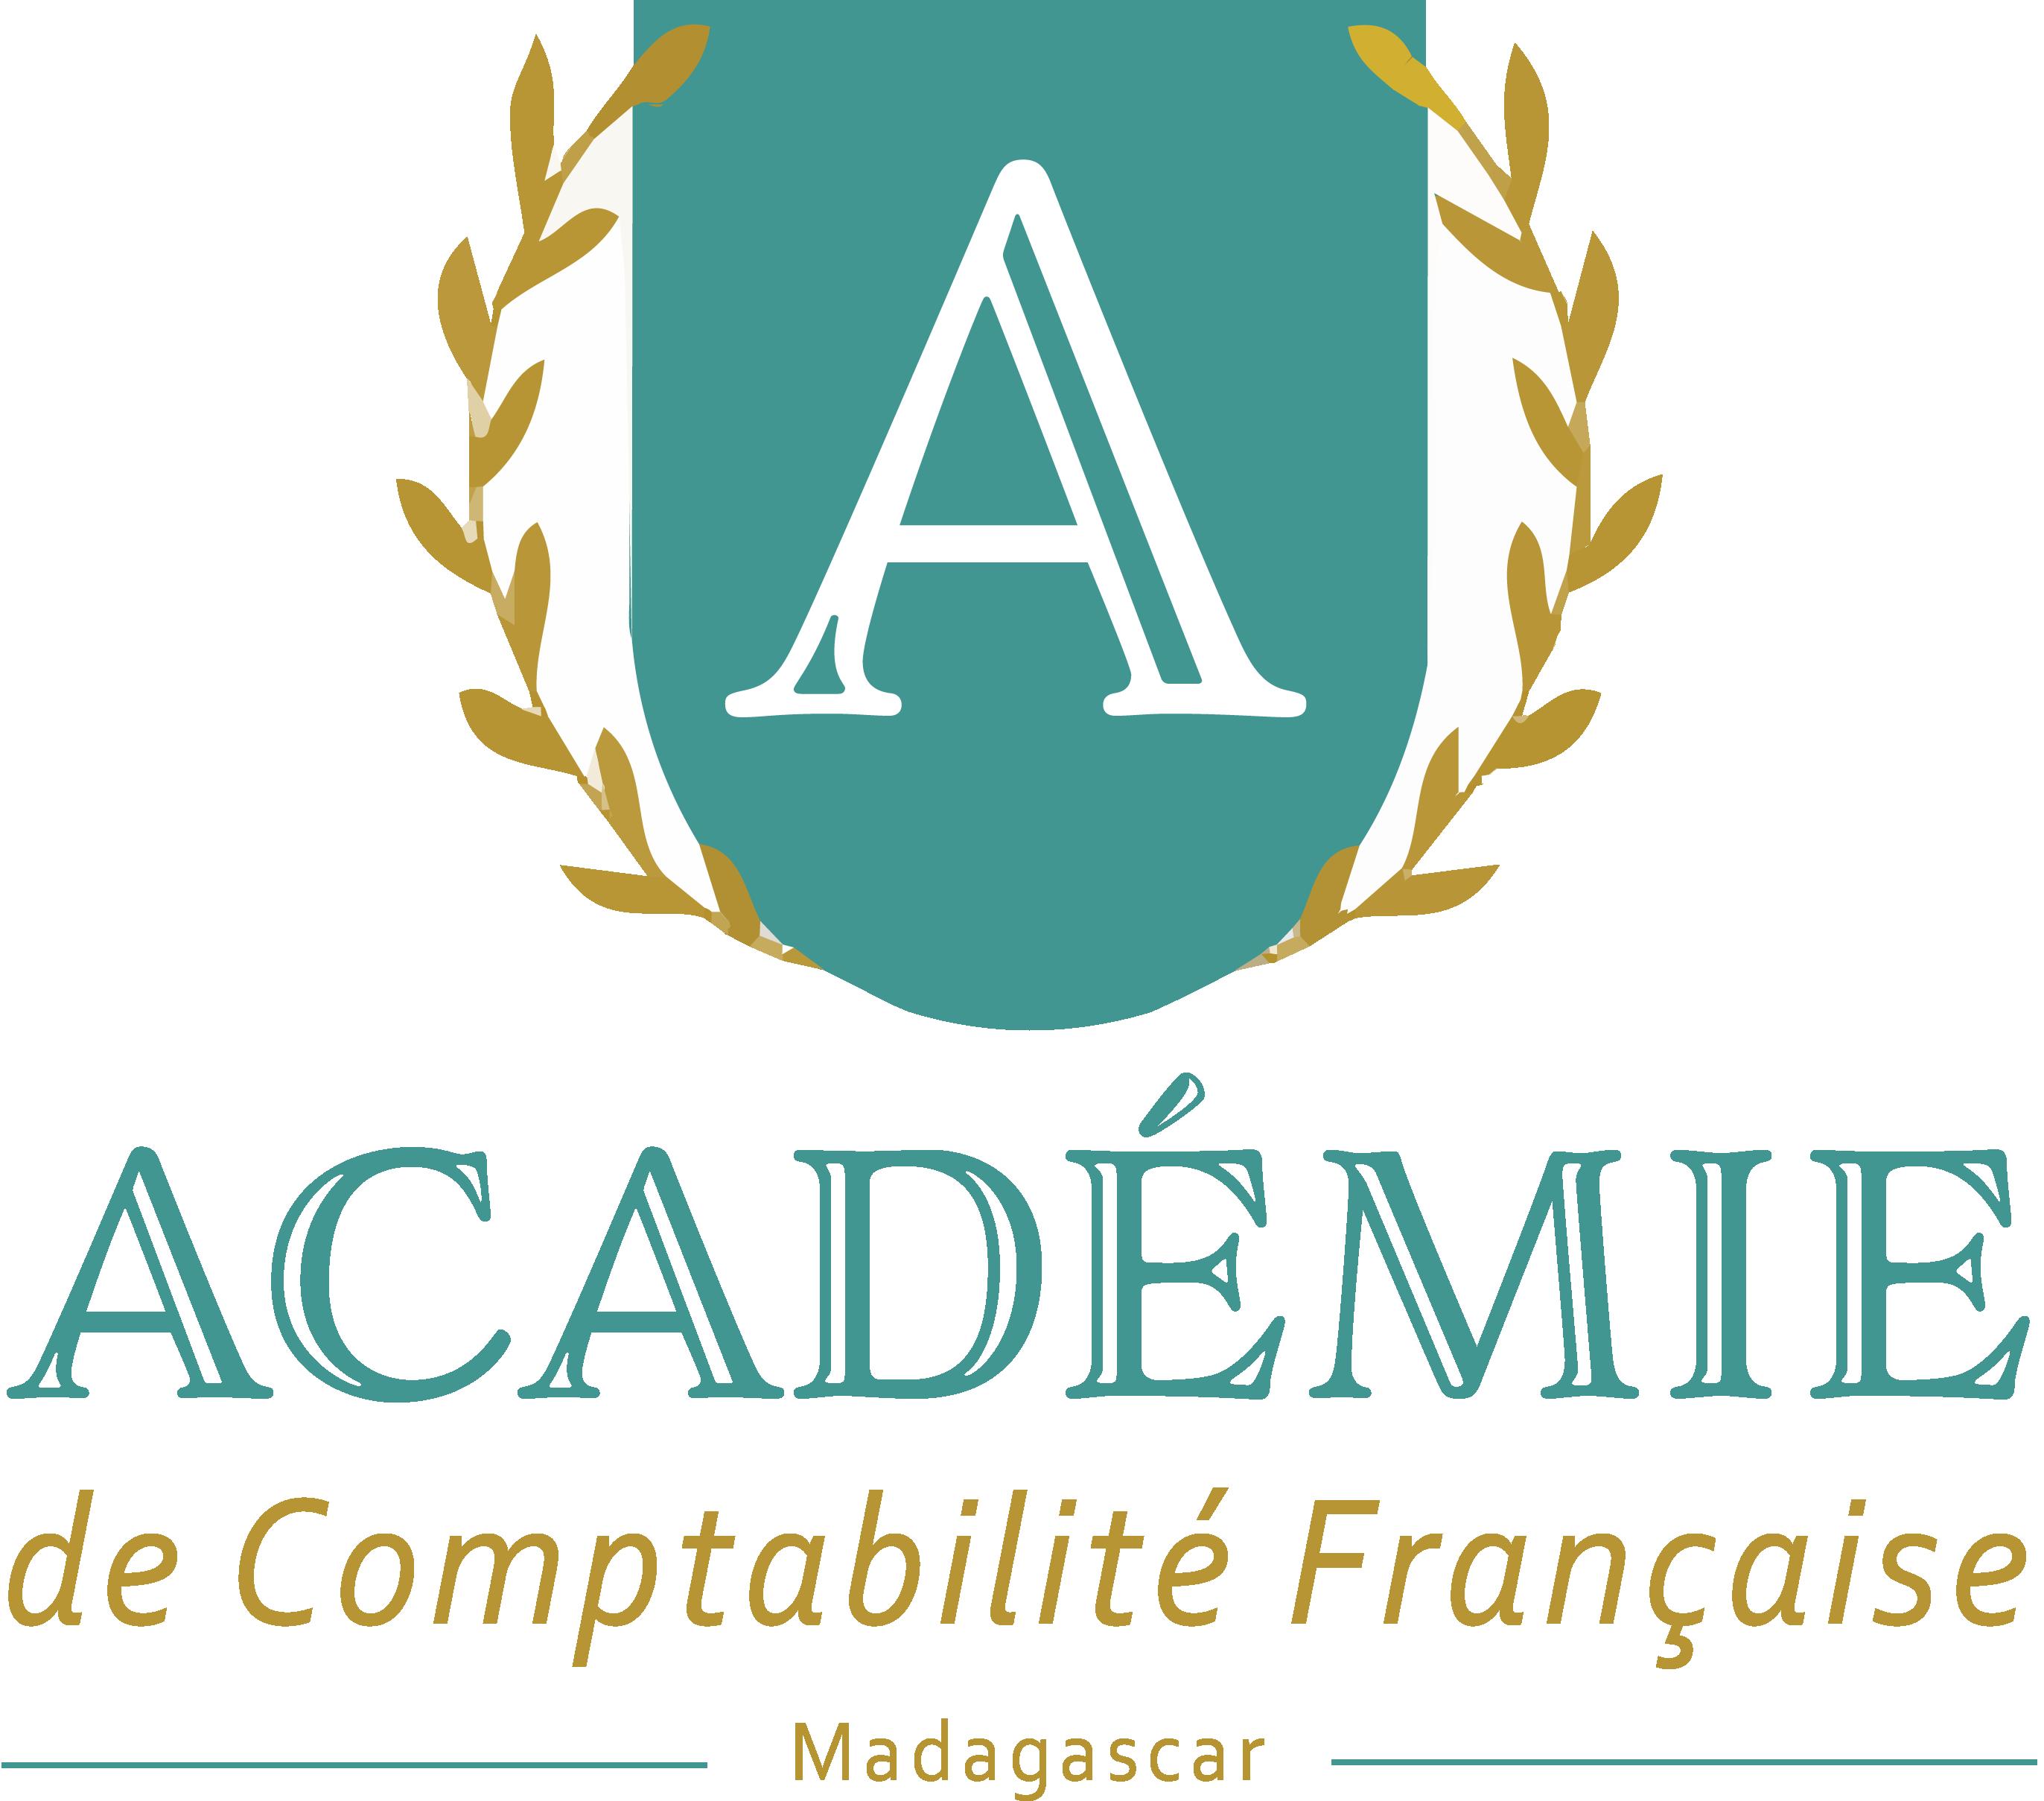 Association de comptabilité Française